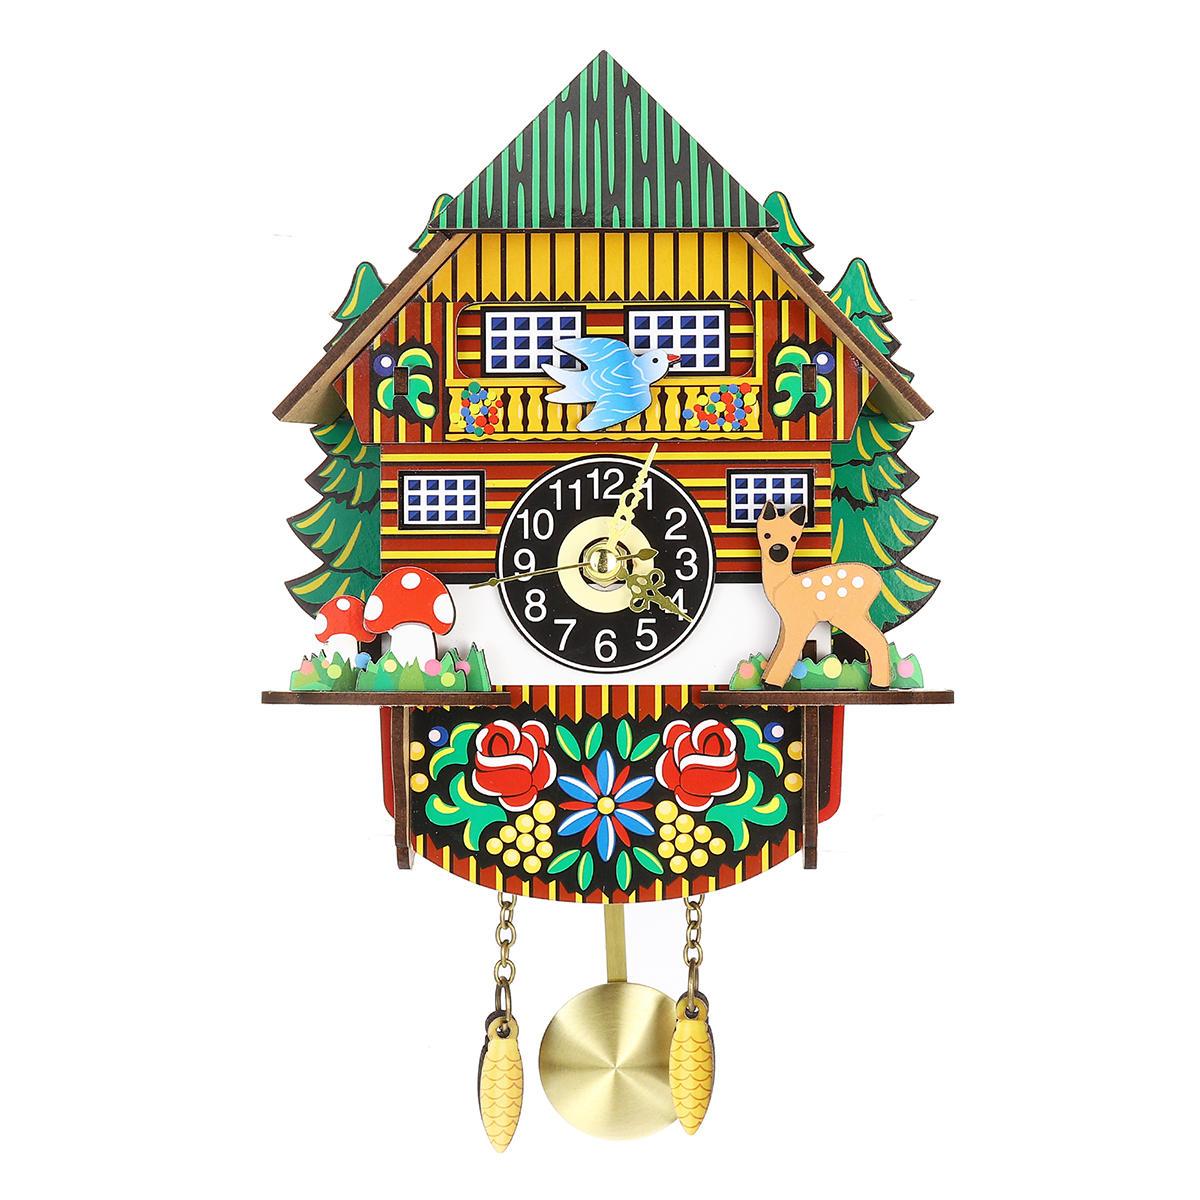 Artesanato Cuco De Madeira Relógio Casa Árvore Estilo Parede Relógio Arte Decoração Da Casa Do Vintage